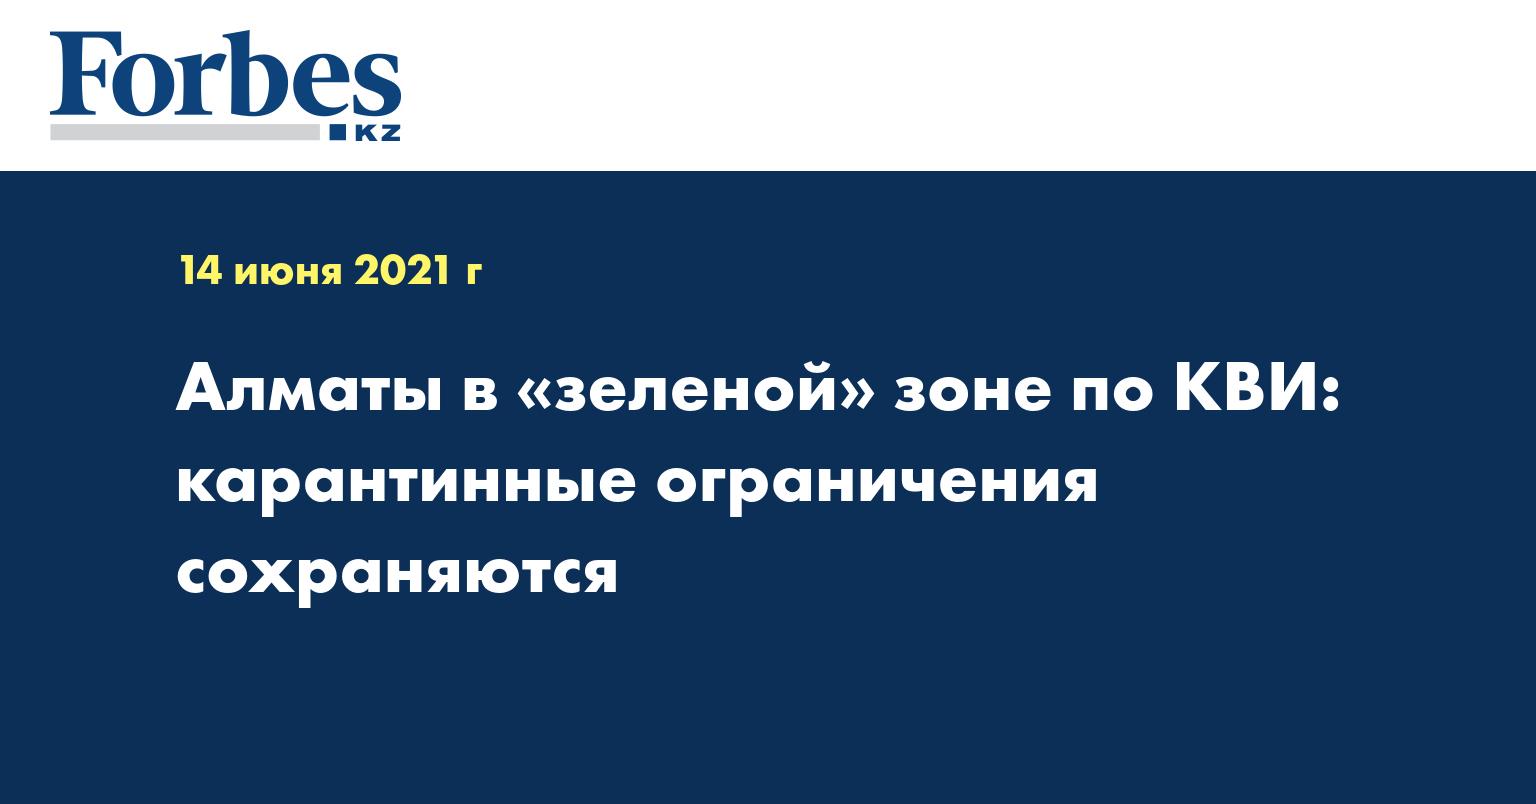 Алматы в «зеленой» зоне по КВИ: карантинные ограничения сохраняются